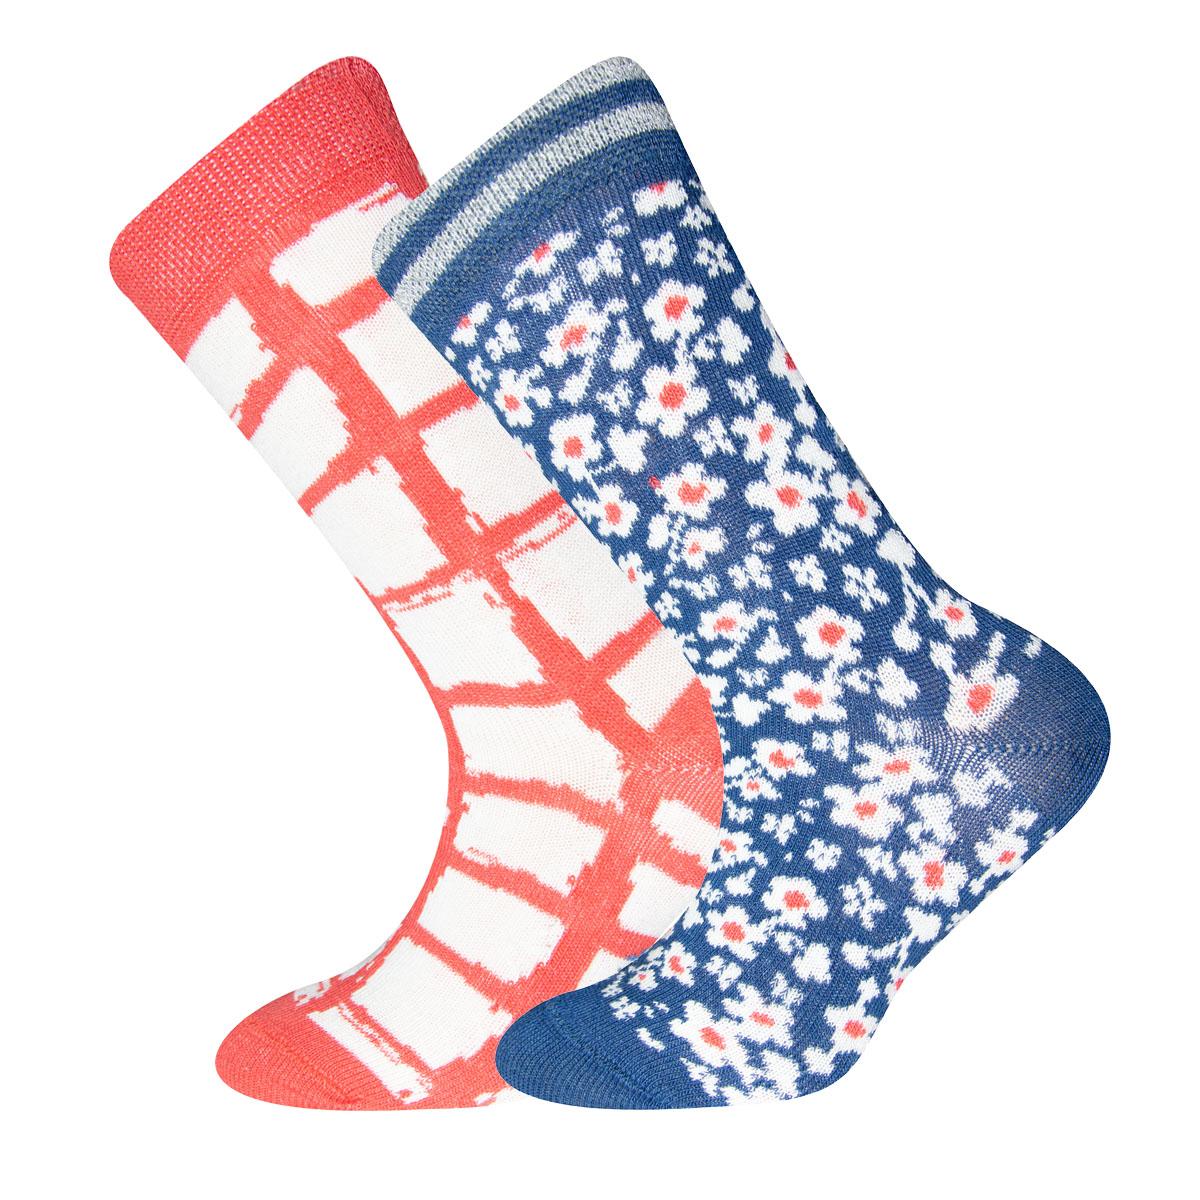 Socken 2er Pack Sanetta Blümchen, Karo , Größe: 35-38